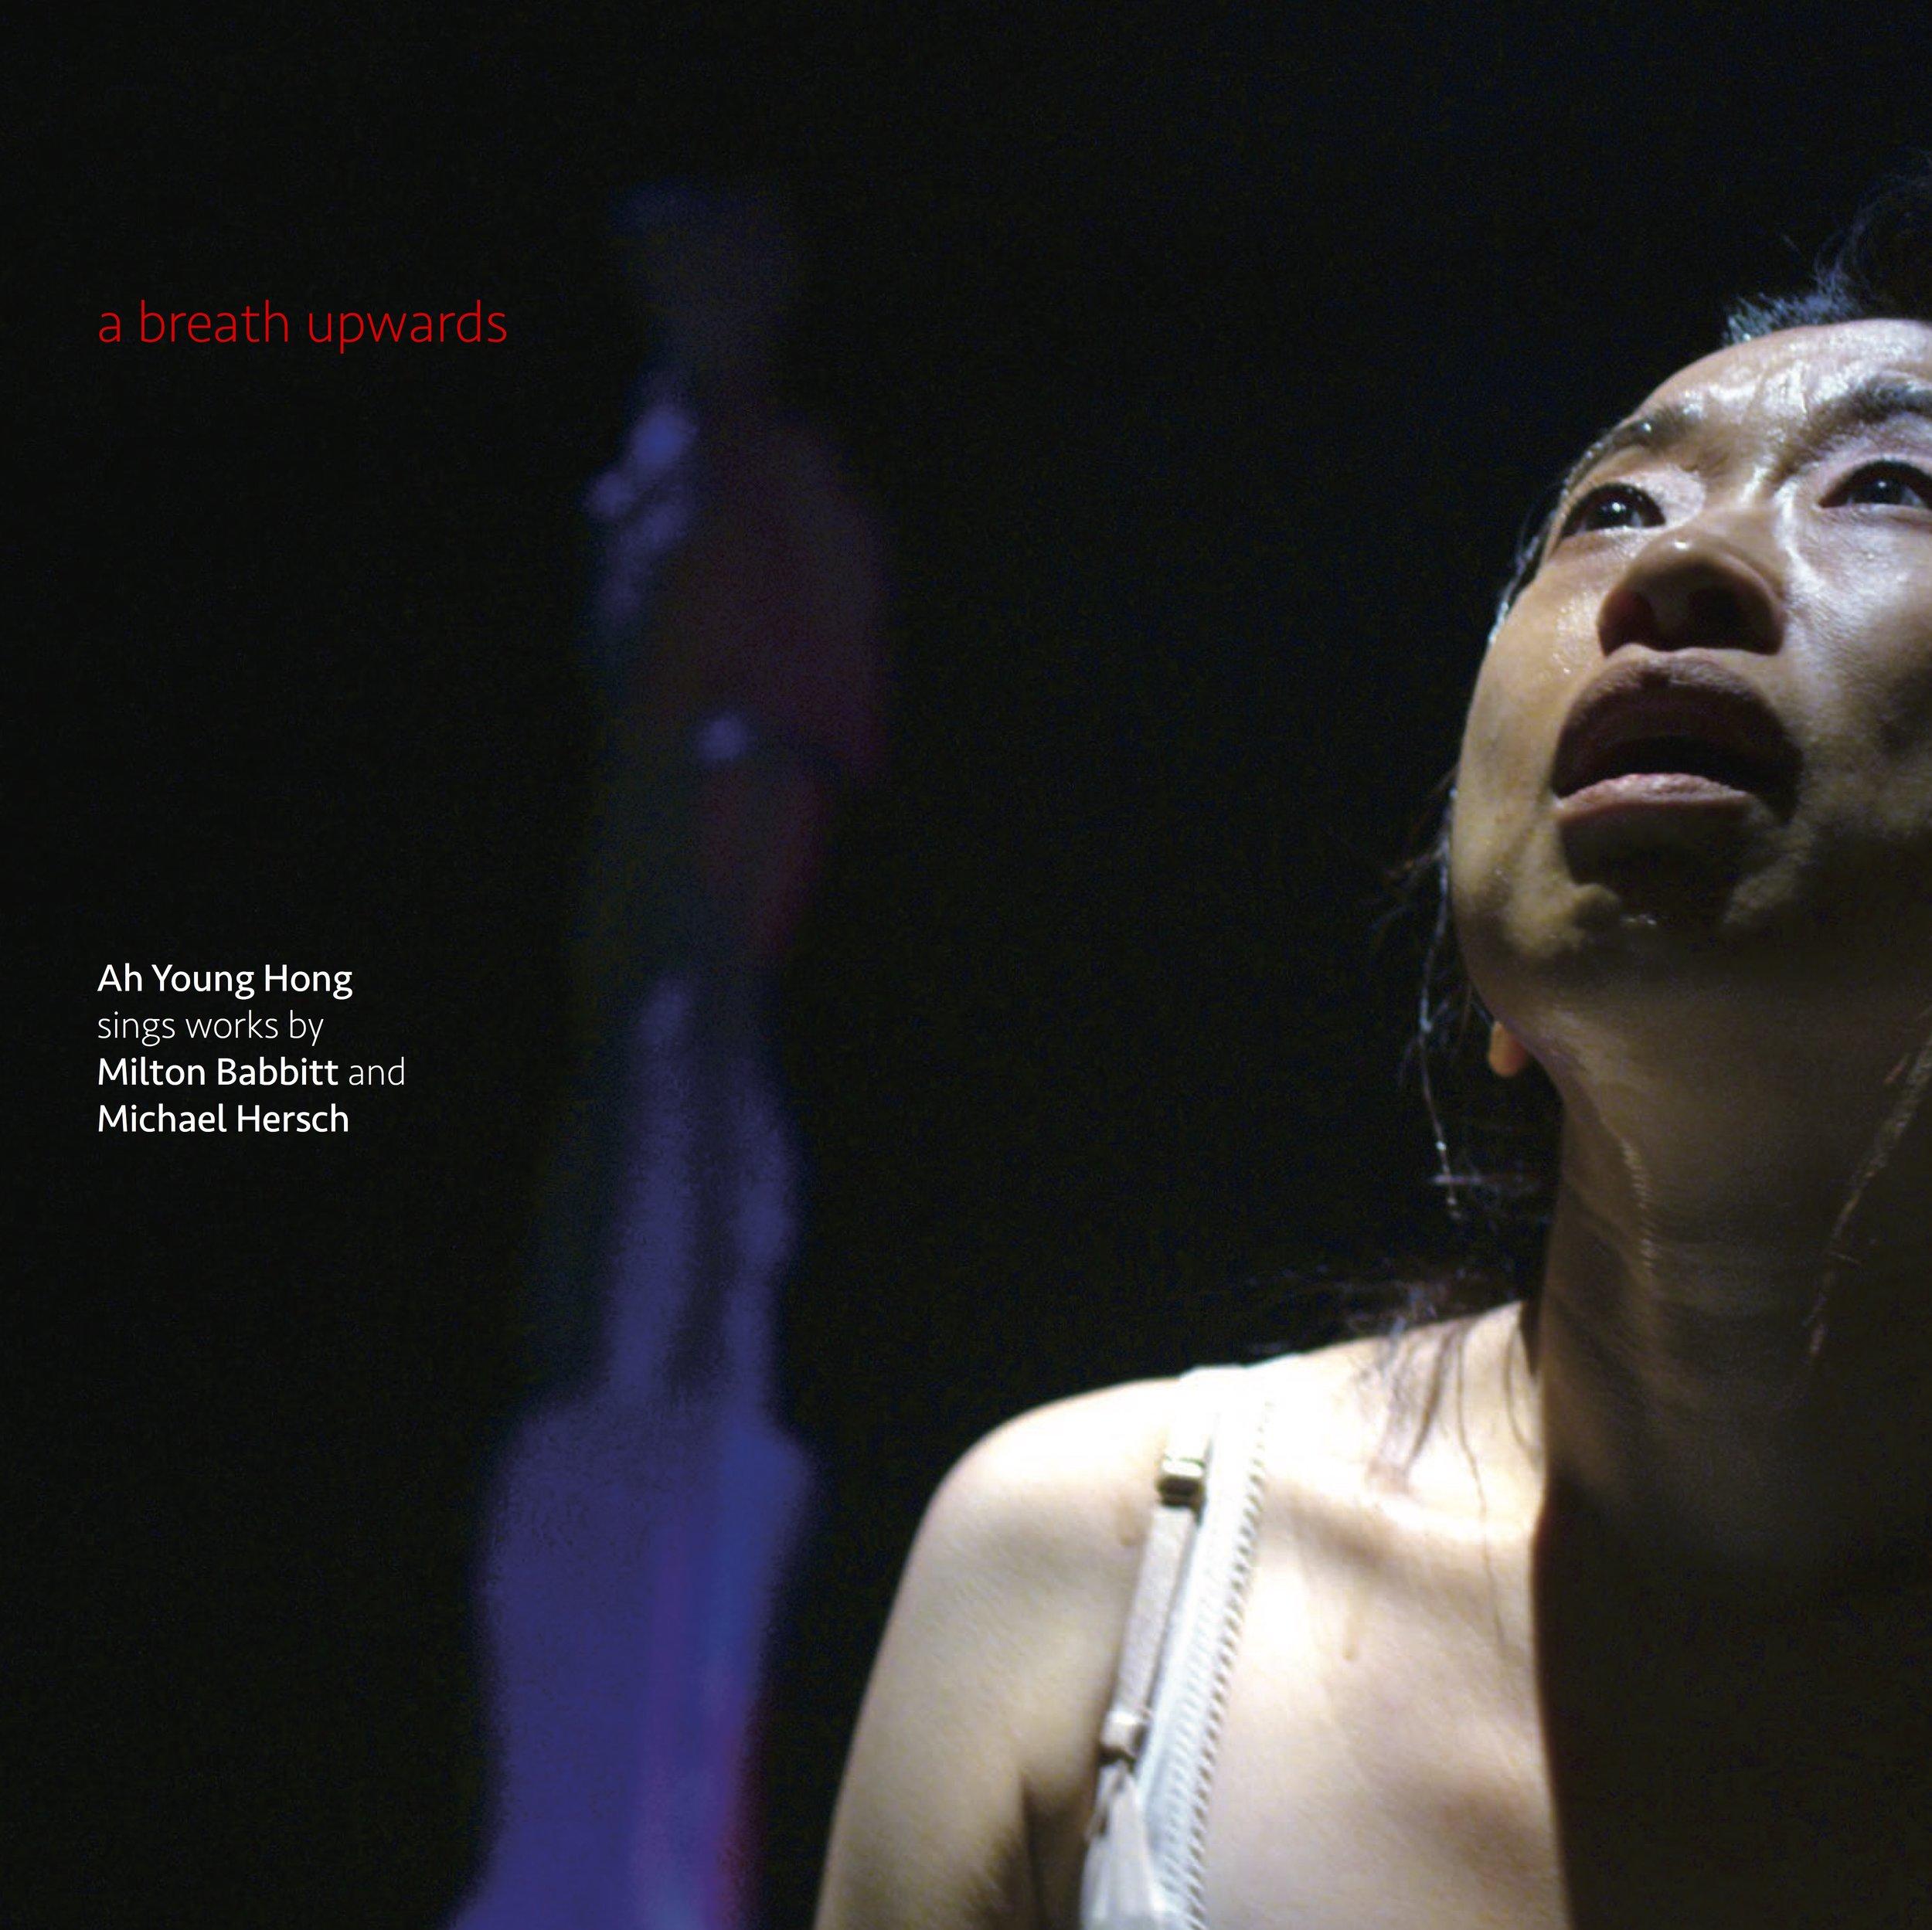 """Michael Hersch's """"A Breath Upwards"""" with Ah Young Hong, Miranda Cuckson, and Jamie Hersch"""